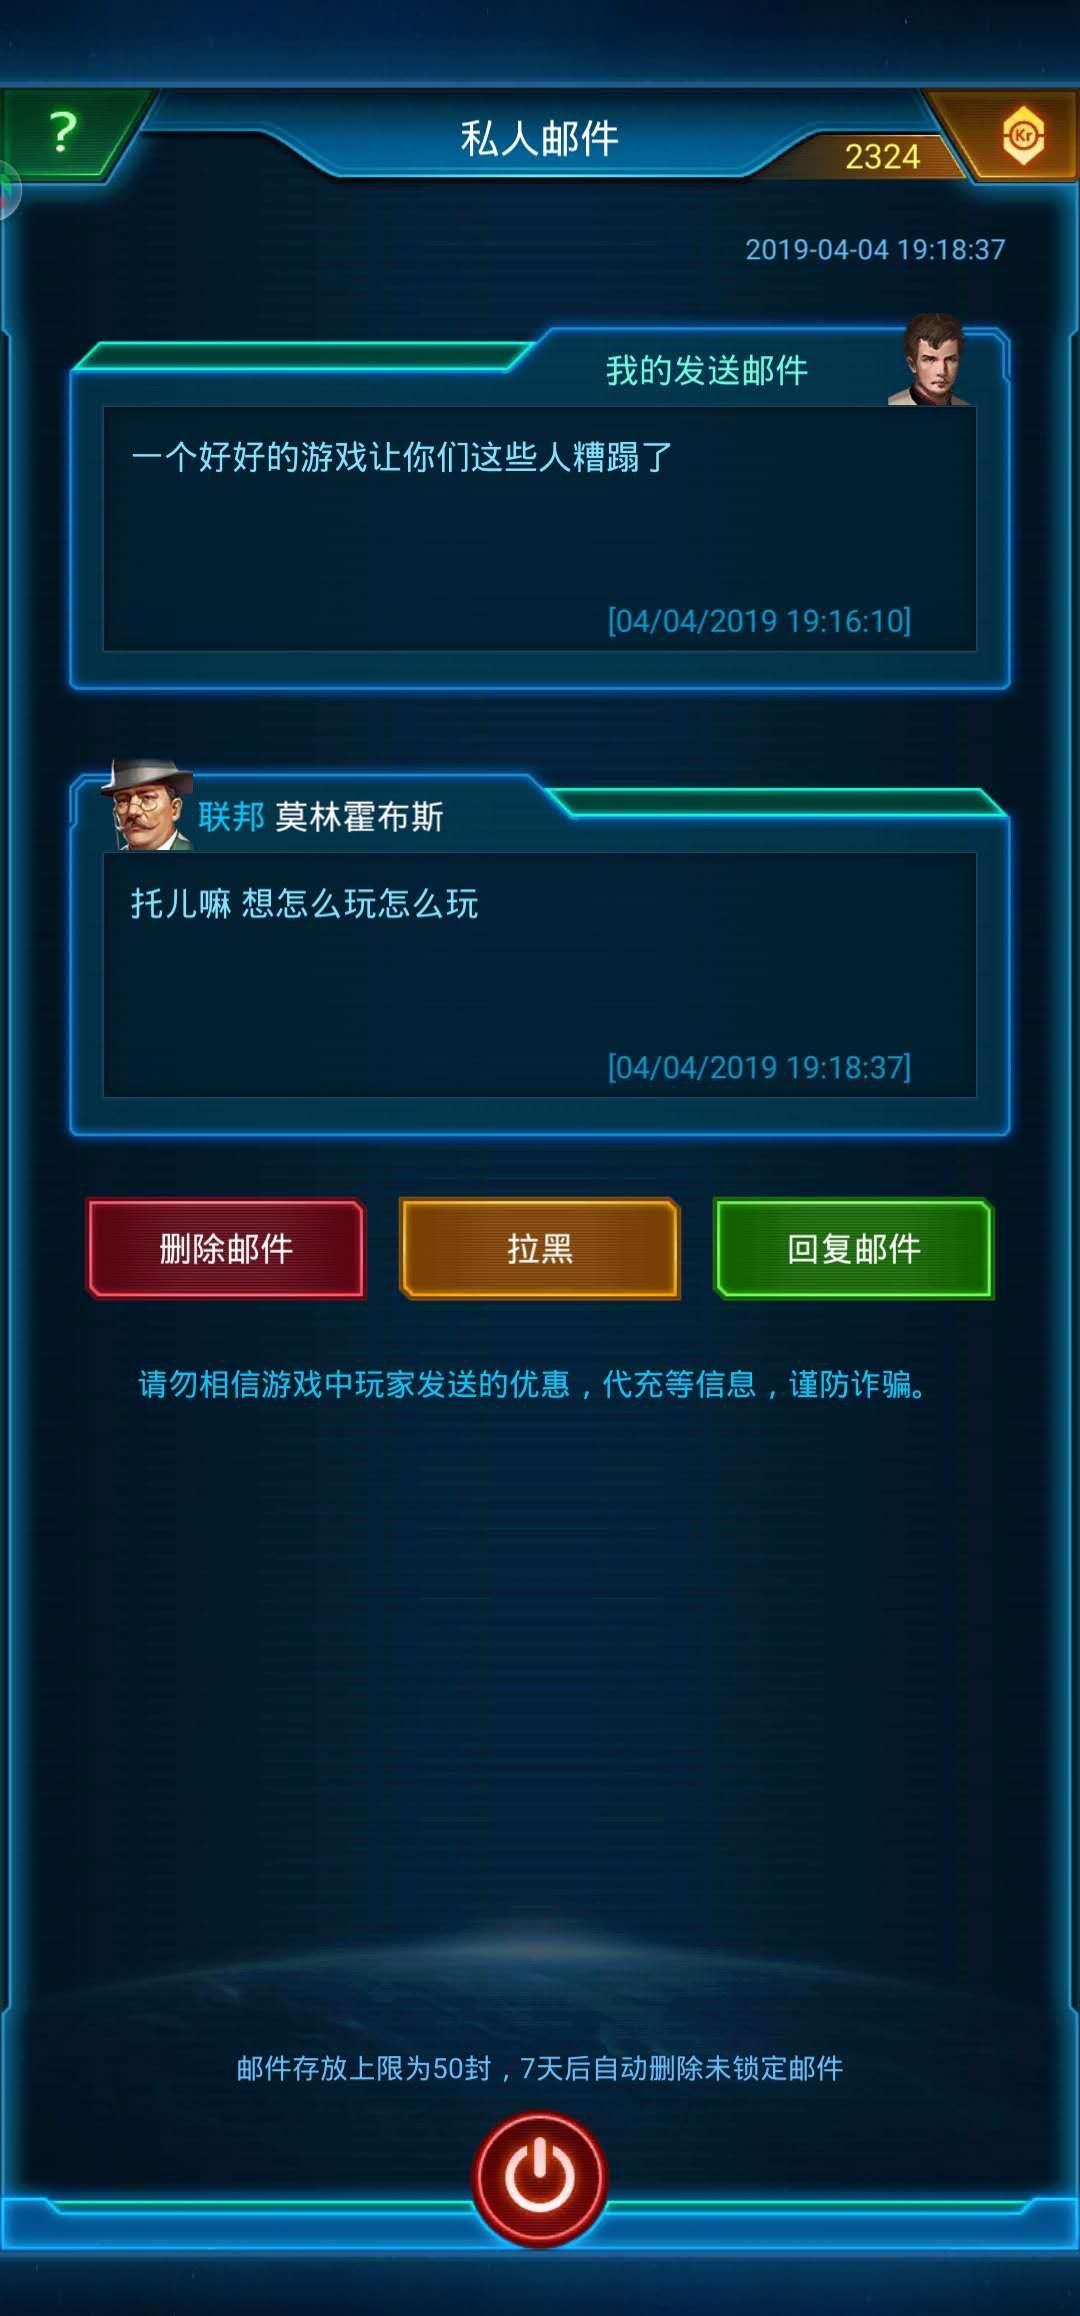 597EC744-1578-471C-8555-1DFA5B03C01B.jpeg